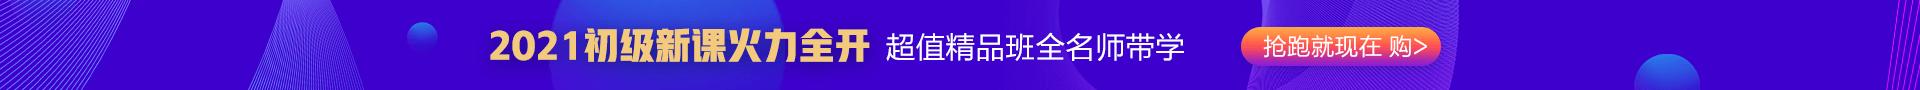 重庆会计网校会计从业资格培训